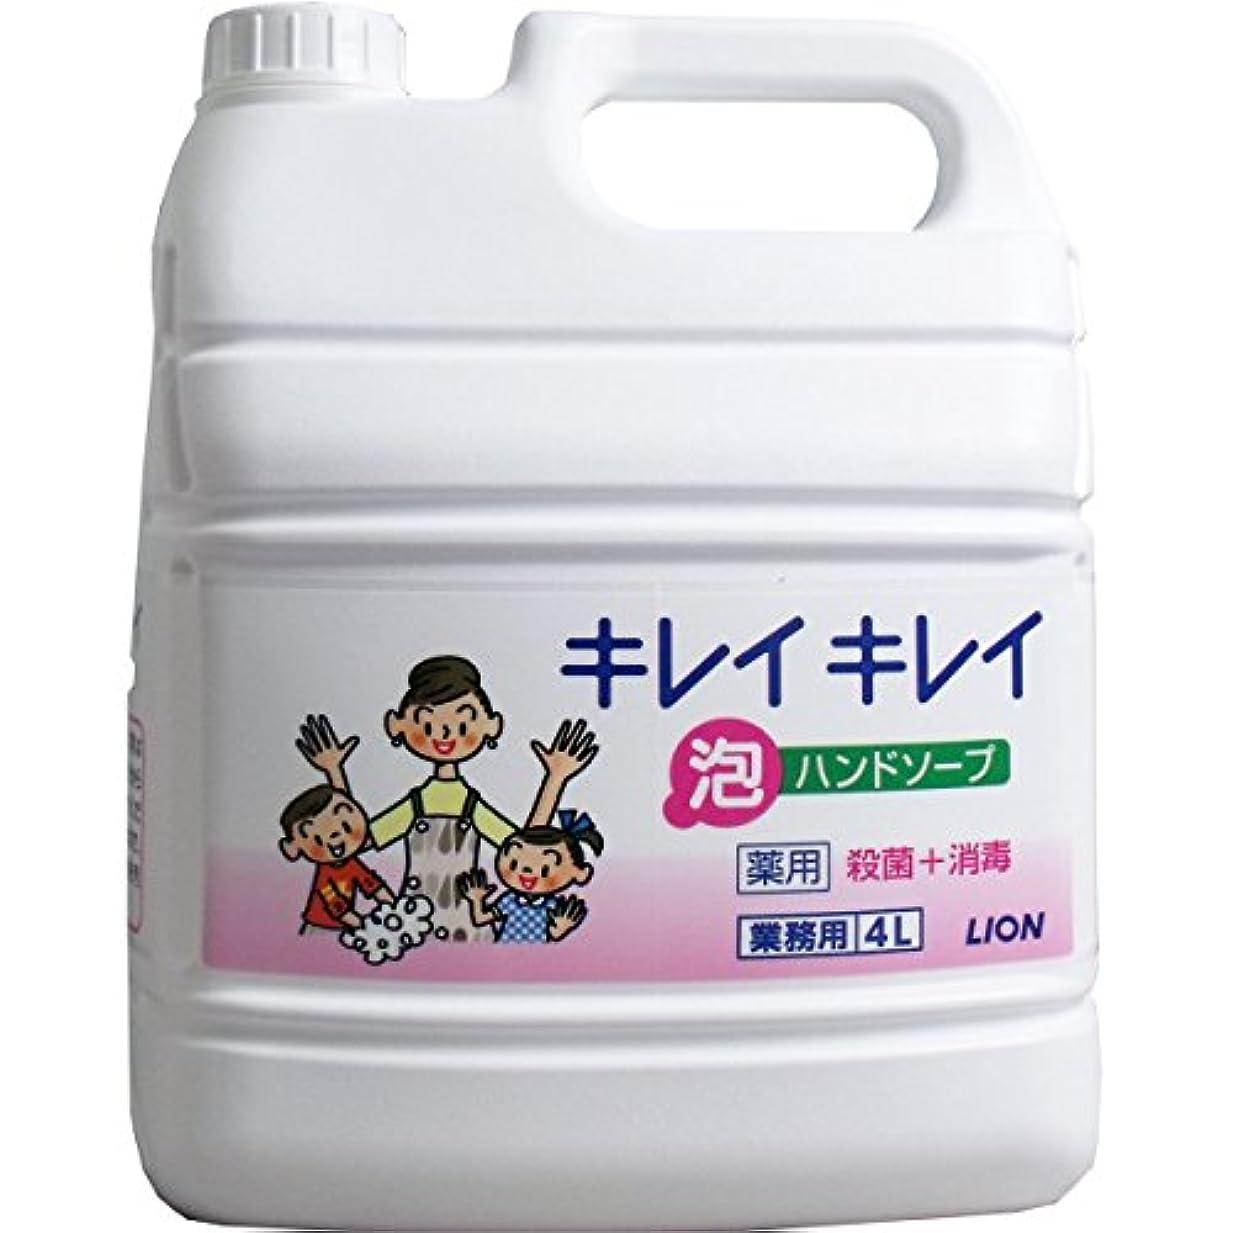 法律によりラテン社会主義ライオン 業務用 キレイキレイ 薬用 泡ハンドソープ 4L